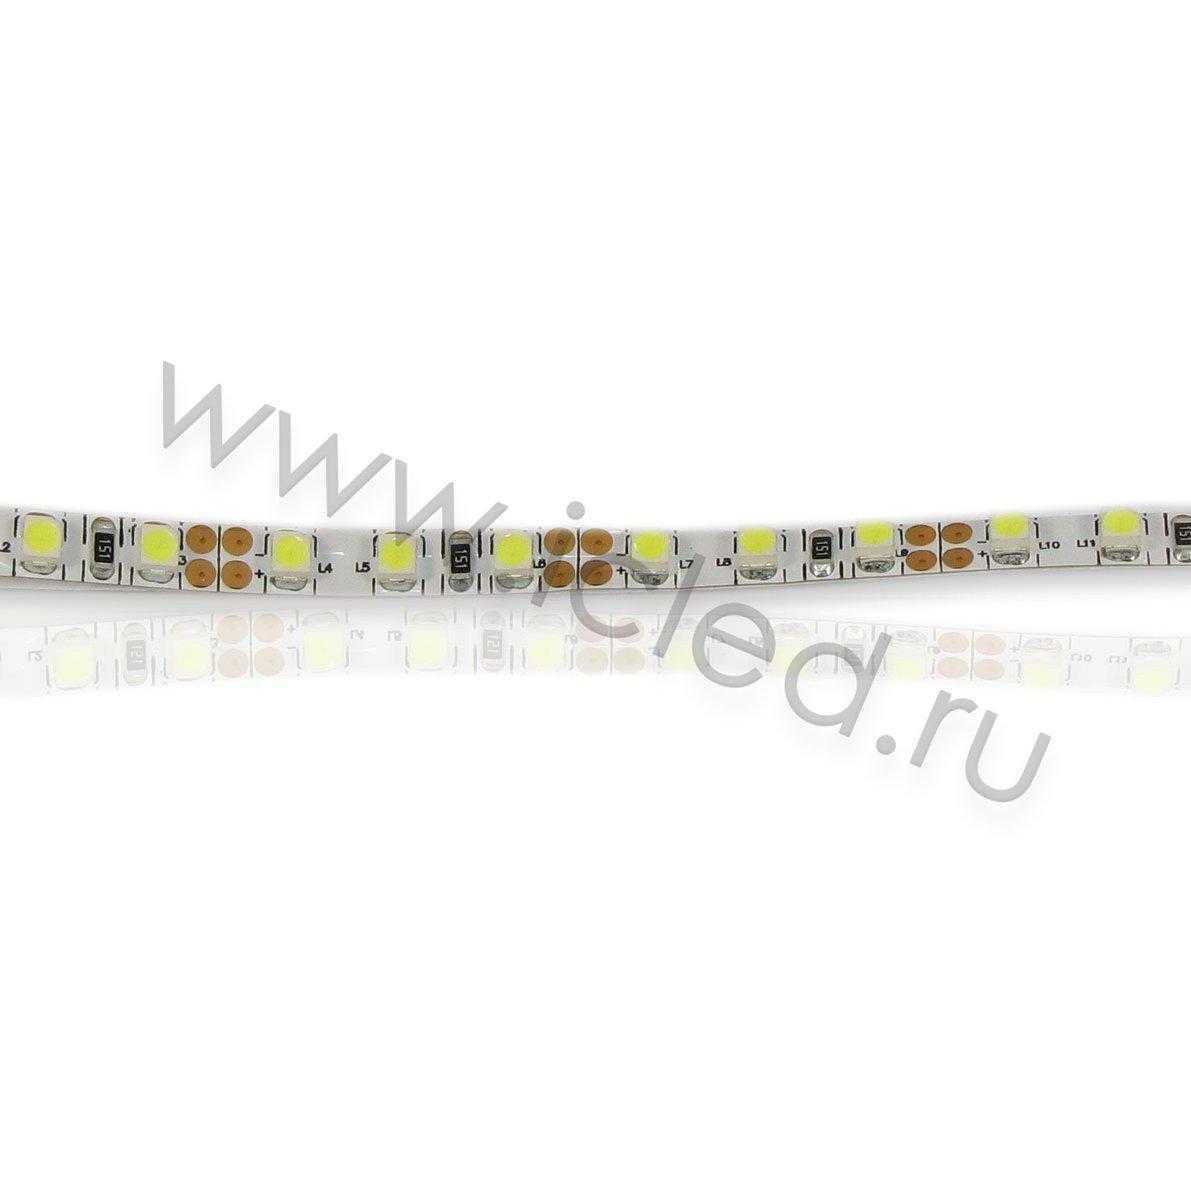 Светодиодная лента Class B, 3528, 120 led/m, White, 5mm,12V, IP33